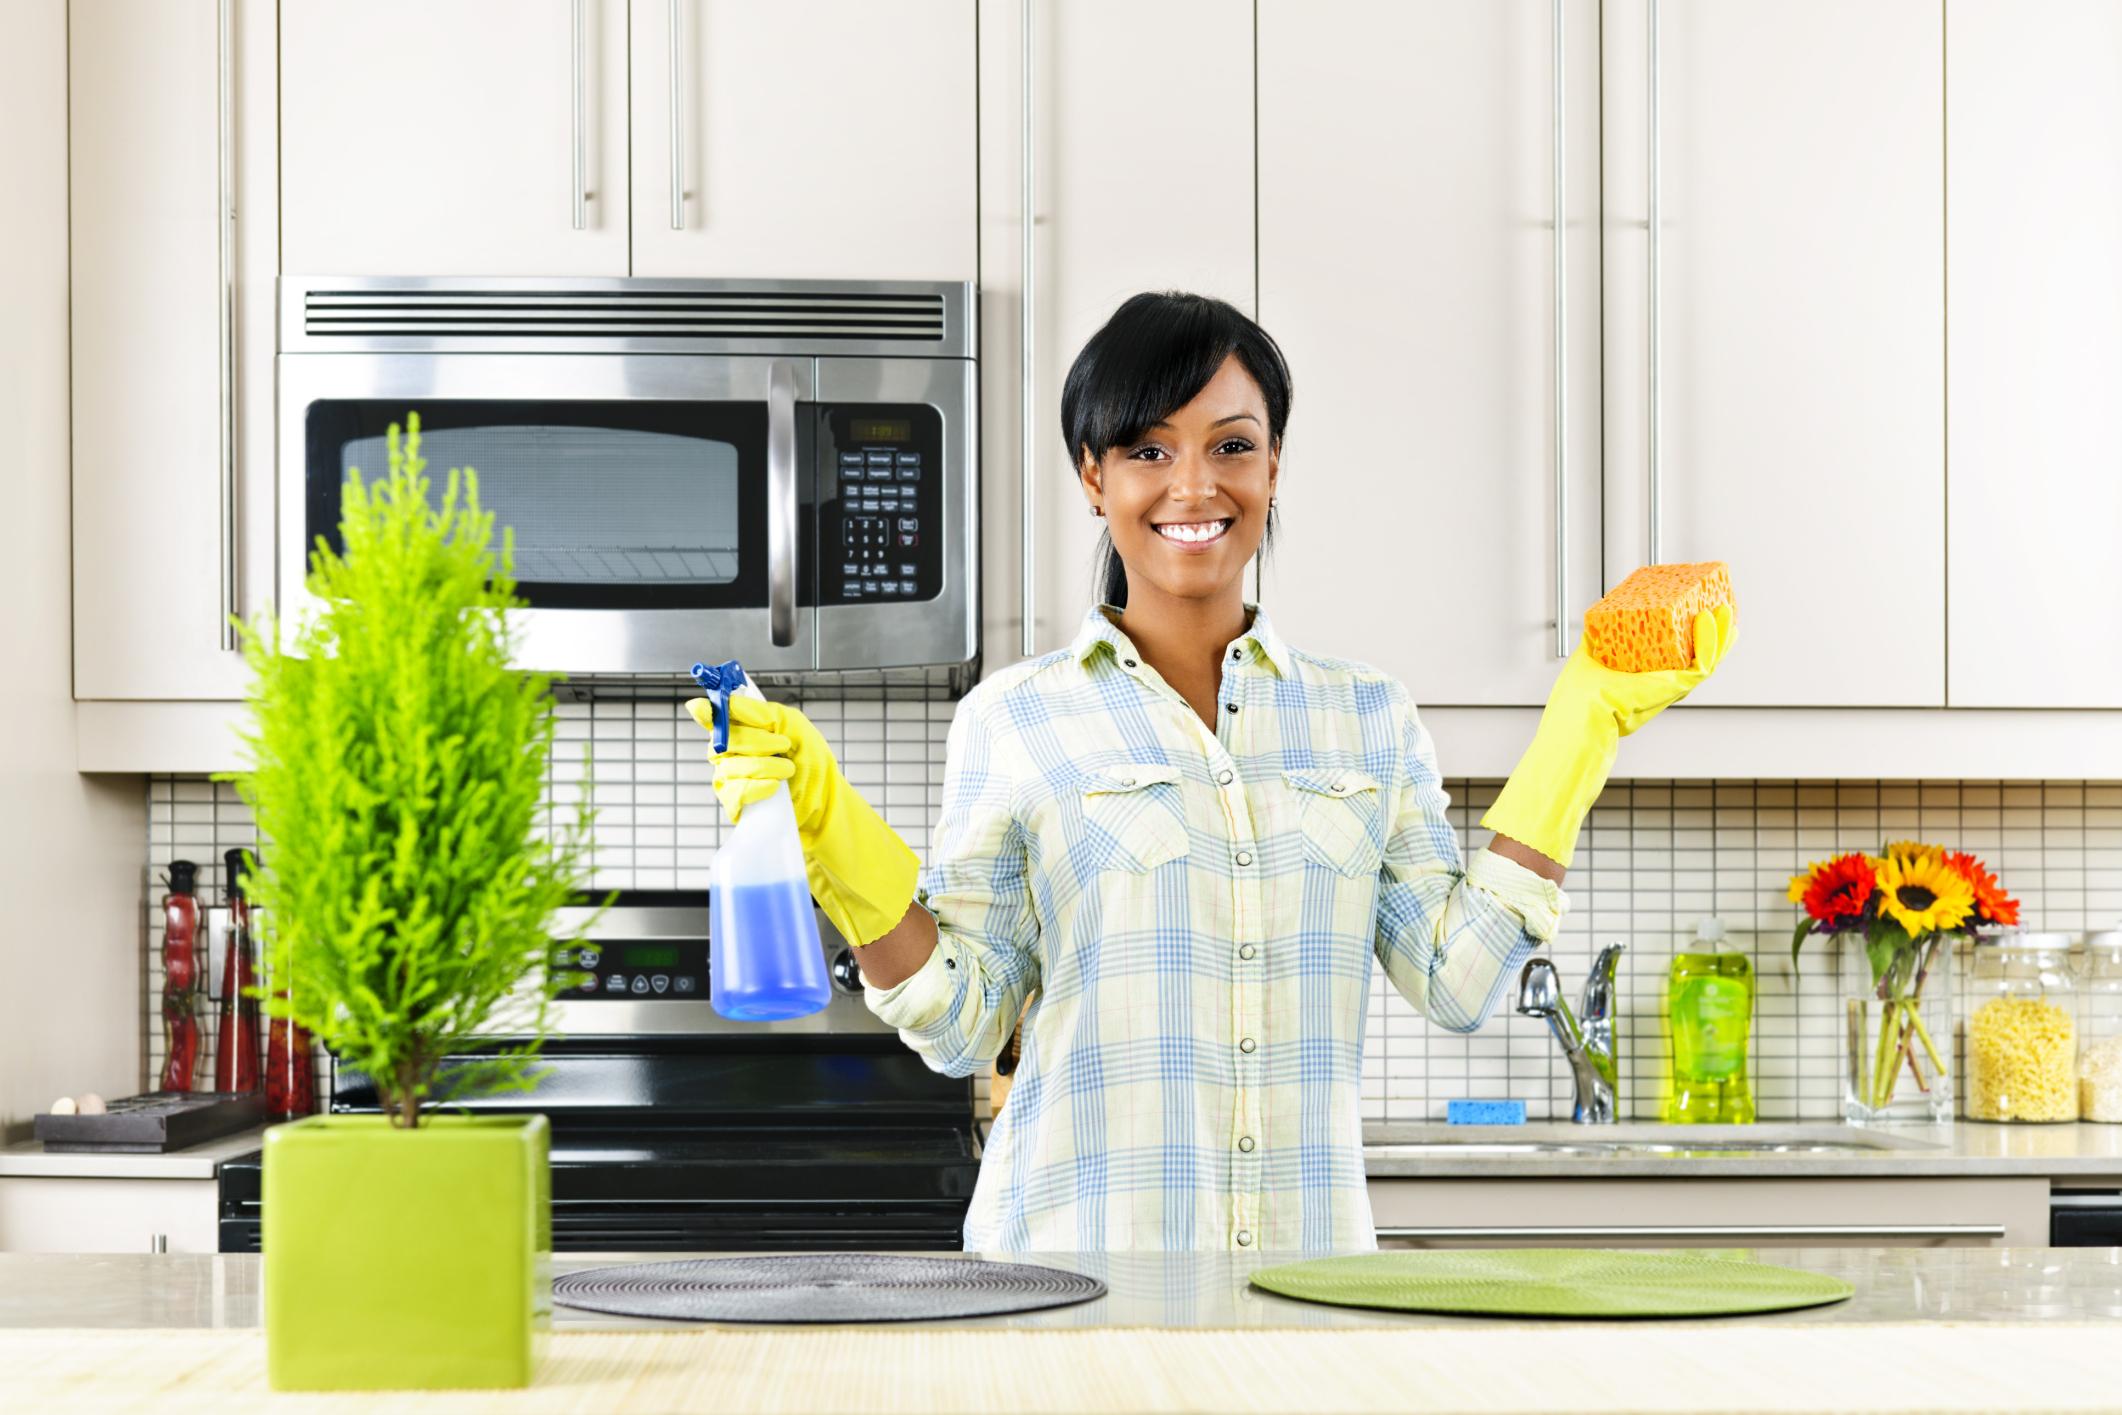 Как отмыть плиту: лучшие способы эффективной борьбы с жиром и грязью